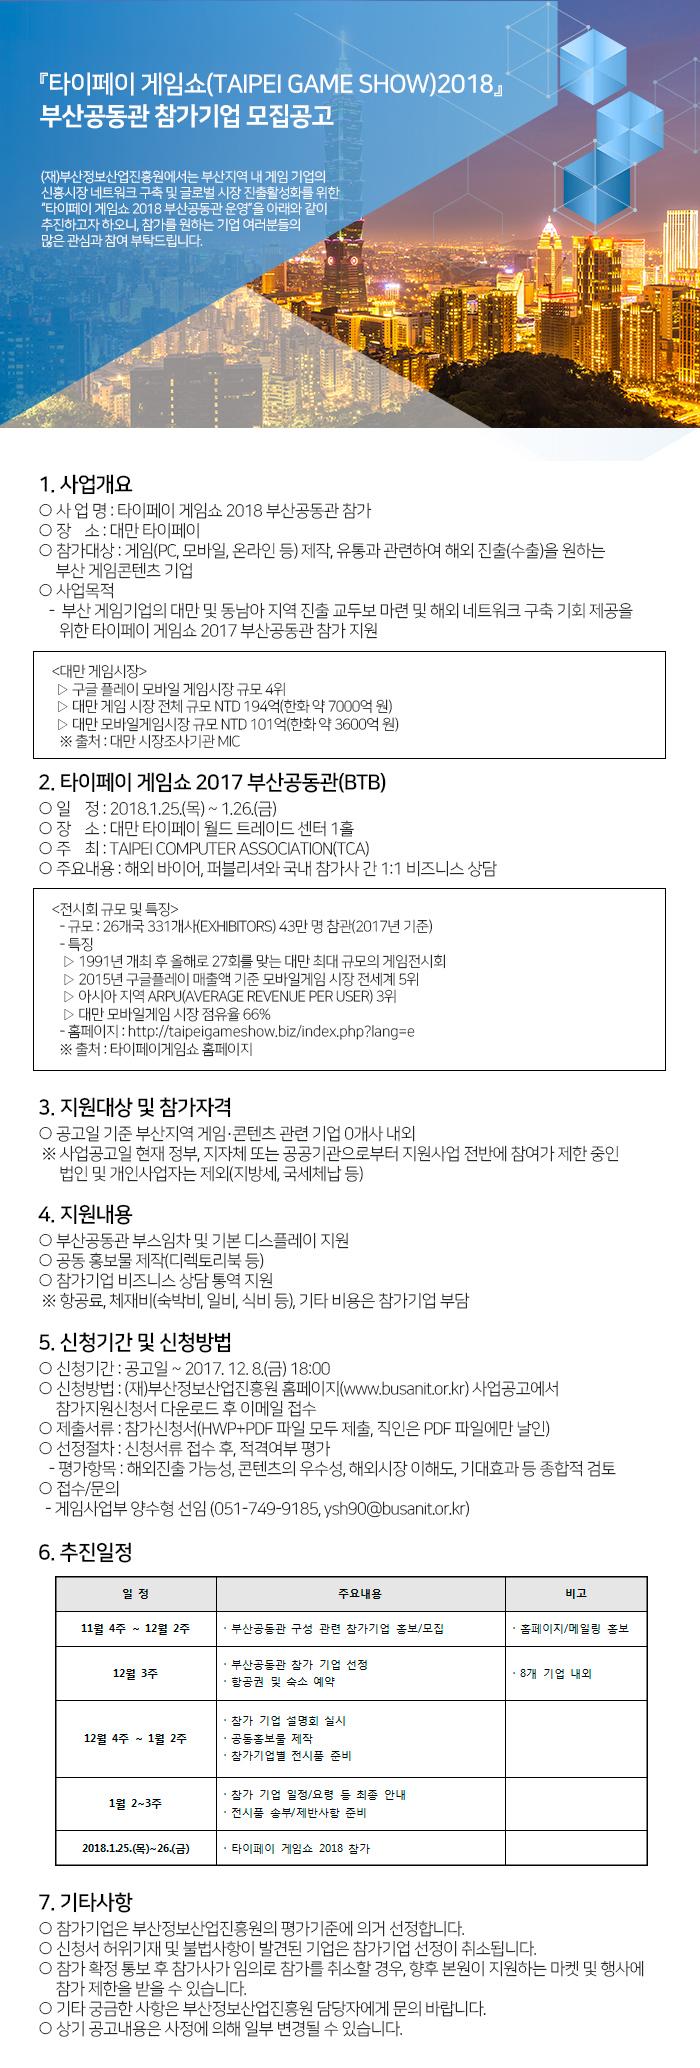 타이페이 게임쇼 2018 부산공동관 참가기업 모집공고